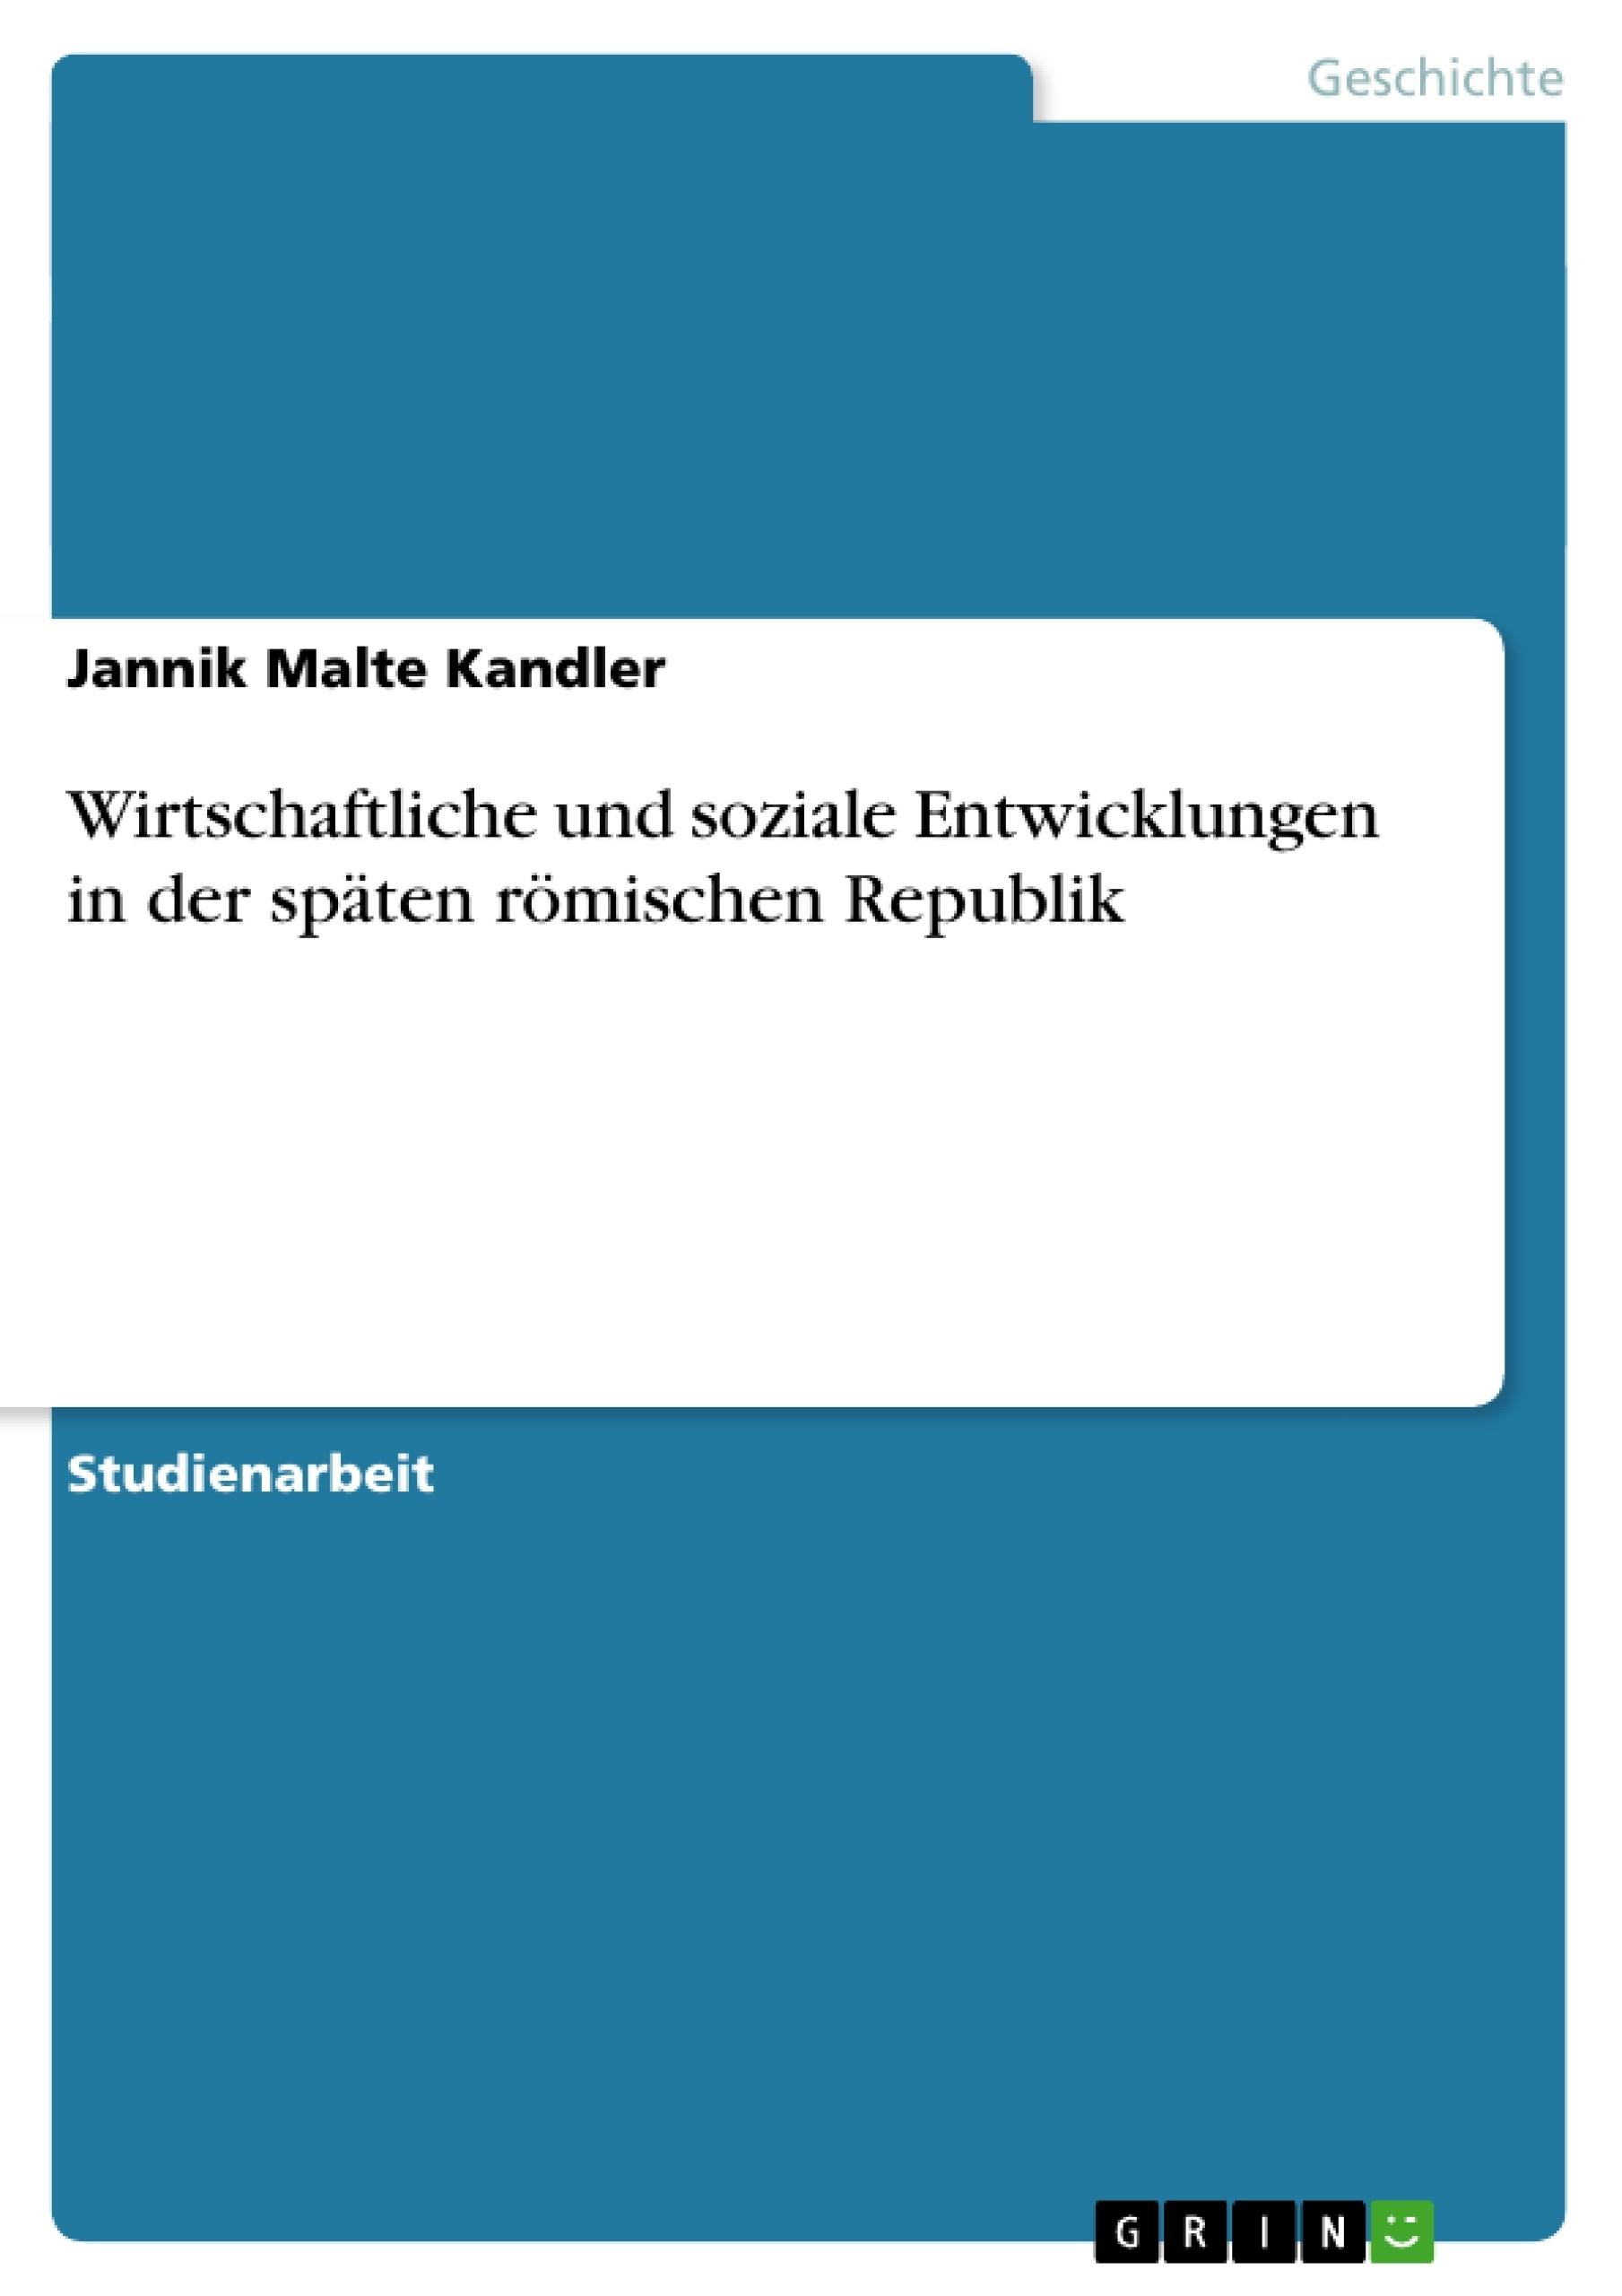 Titel: Wirtschaftliche und soziale Entwicklungen in der späten römischen Republik